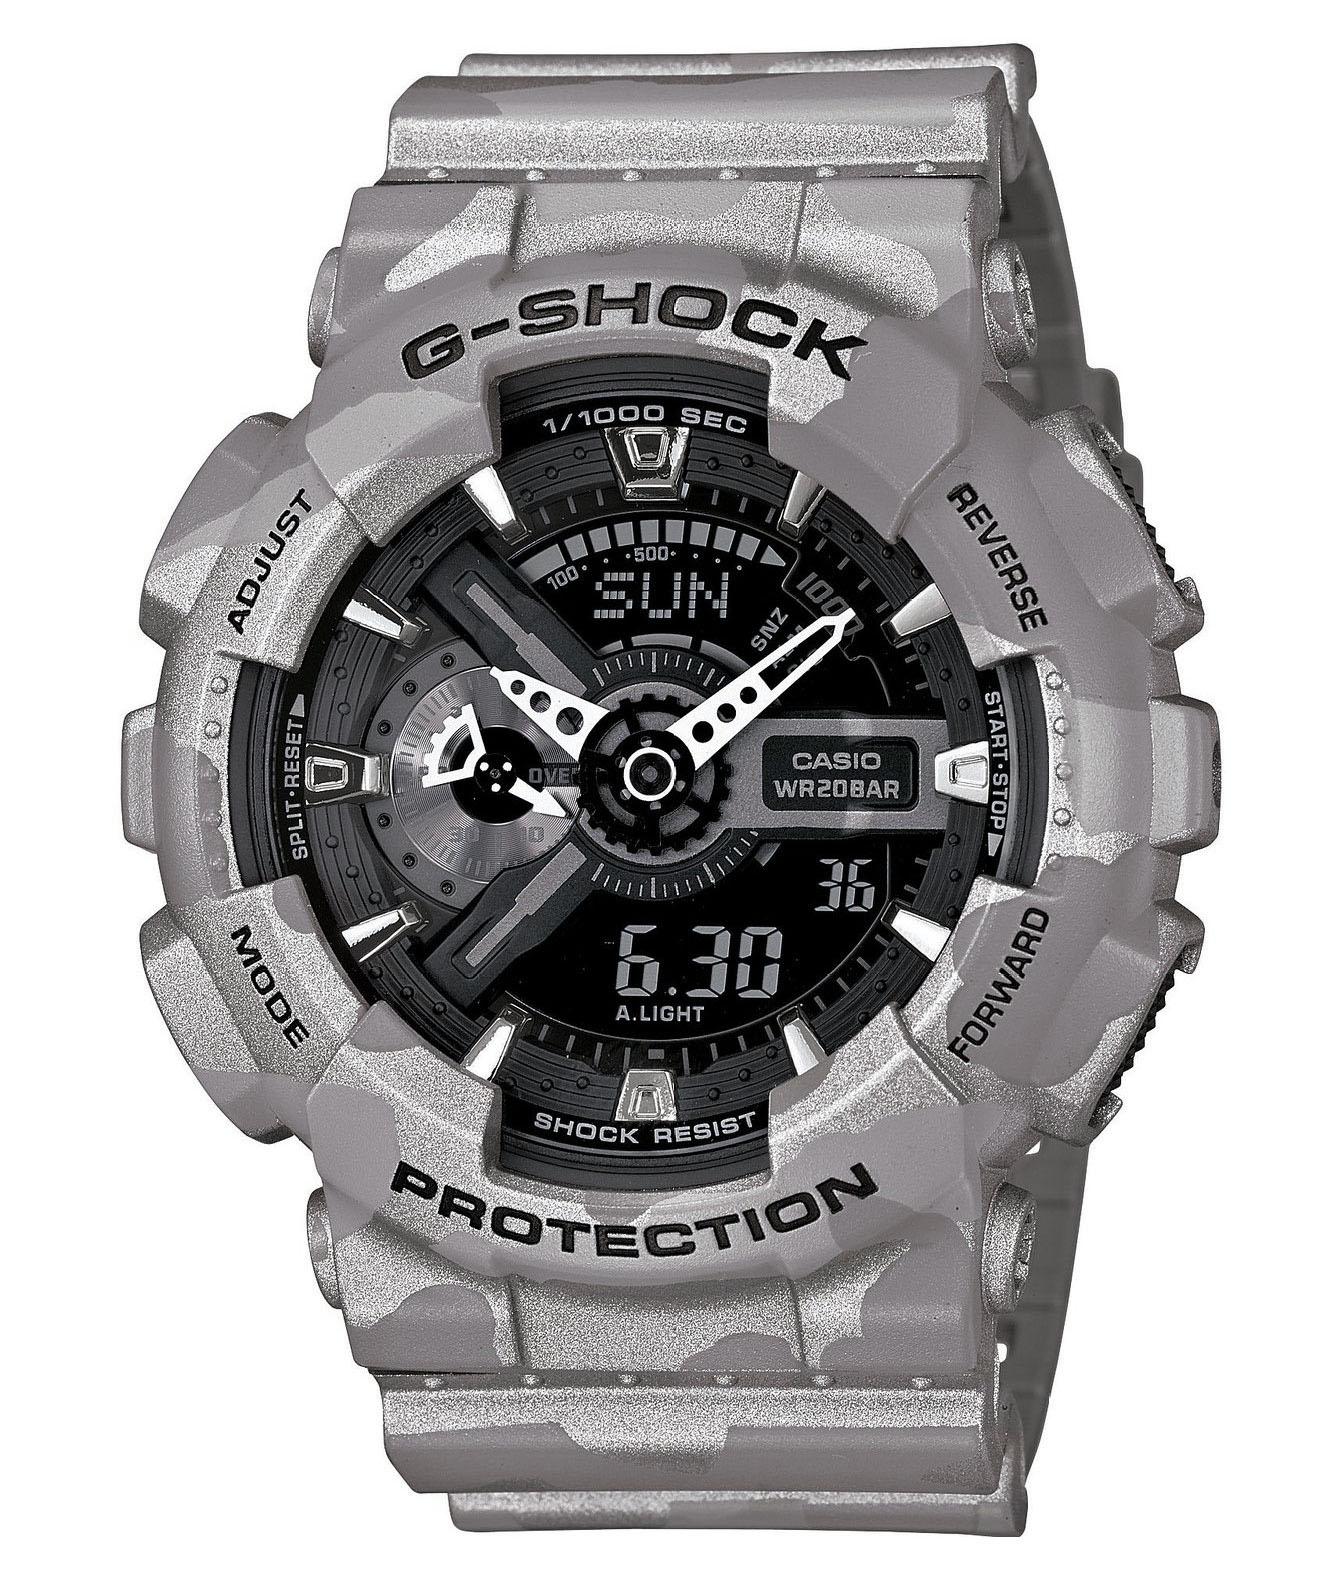 Часы мужские наручные Casio G-SHOCK, цвет: серый, камуфляж. GA-110CM-8ABM8434-58AEСтильные мужские часы Casio G-SHOCK выполнены из полимерных материалов и минерального стекла. Изделие дополнено светодиодной подсветкой высокой яркости, корпус часов оформлен символикой бренда и оригинальным принтом. В часах предусмотрен аналоговый и цифровой отсчет времени. Часы оснащены функцией мирового времени, которая позволяет мгновенно выяснять текущее время. Часы могут быть настроены на подачу тонального или светового сигнала при наступлении выставленного времени. Функция таймера позволит обеспечить обратный отсчет времени, начиная с выставленного и подачу тонального или светового сигнала, когда отсчет доходит до нуля. Функция секундомера позволит замерять прошедшее время в пределах тысячи часовс точностью 1/100 секунды, предусмотрен будильник. Степень влагозащиты 20 atm. Изделие дополнено ремешком из полимерного материала, который обладает антибактериальными и запахоустойчивыми свойствами. Ремешок застегивается на пряжку, позволяющую максимально комфортно и быстро снимать и одевать часы.Часы поставляются в фирменной упаковке.Многофункциональные часы Casio G-SHOCK подчеркнут мужской характер и отменное чувство стиля у их обладателя.